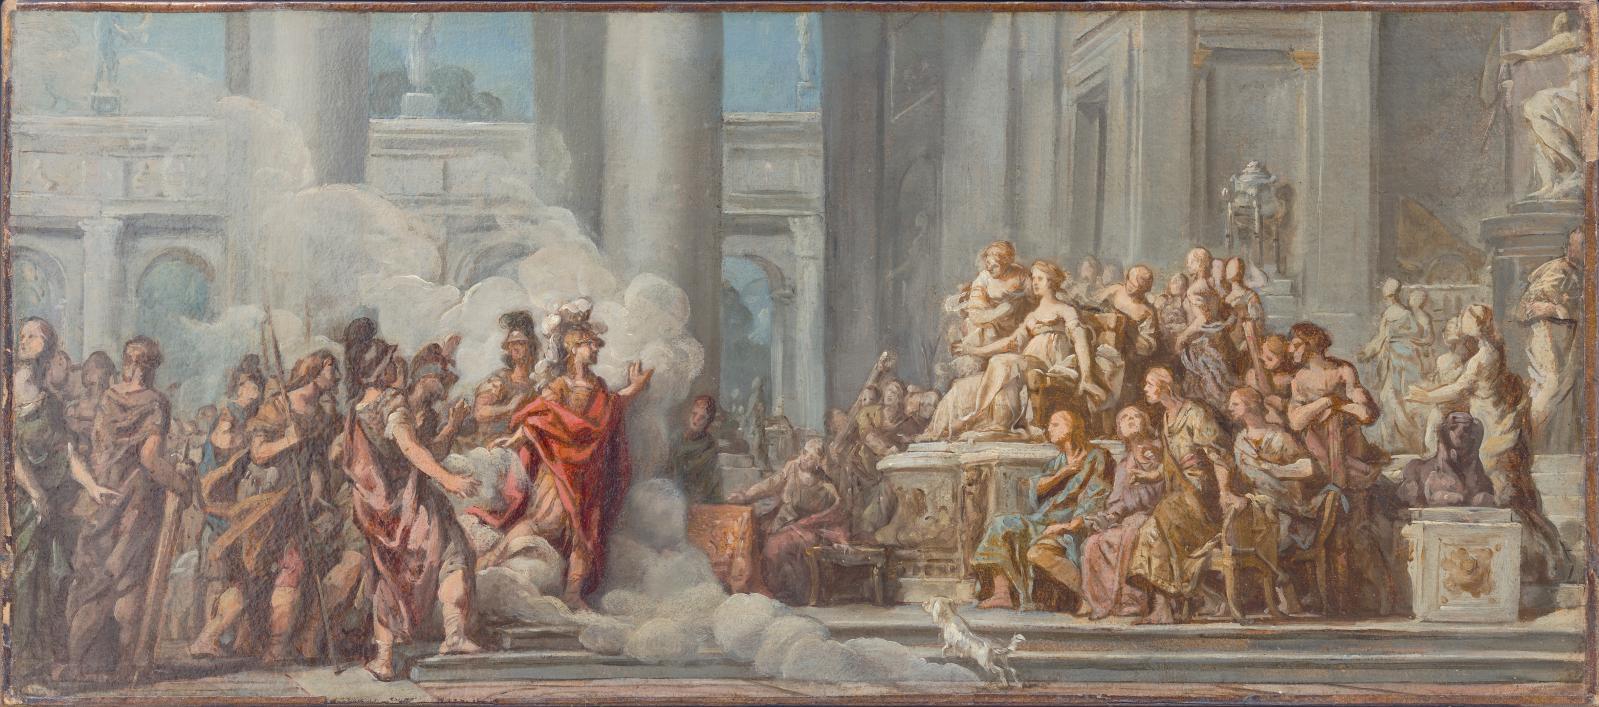 Jean-Bernard Restout (1732-1797), L'Arrivée d'Énée à Carthage, huile sur papier marouflé, 31,12 x 68,58 cm, Los Angeles County Museum of Art.